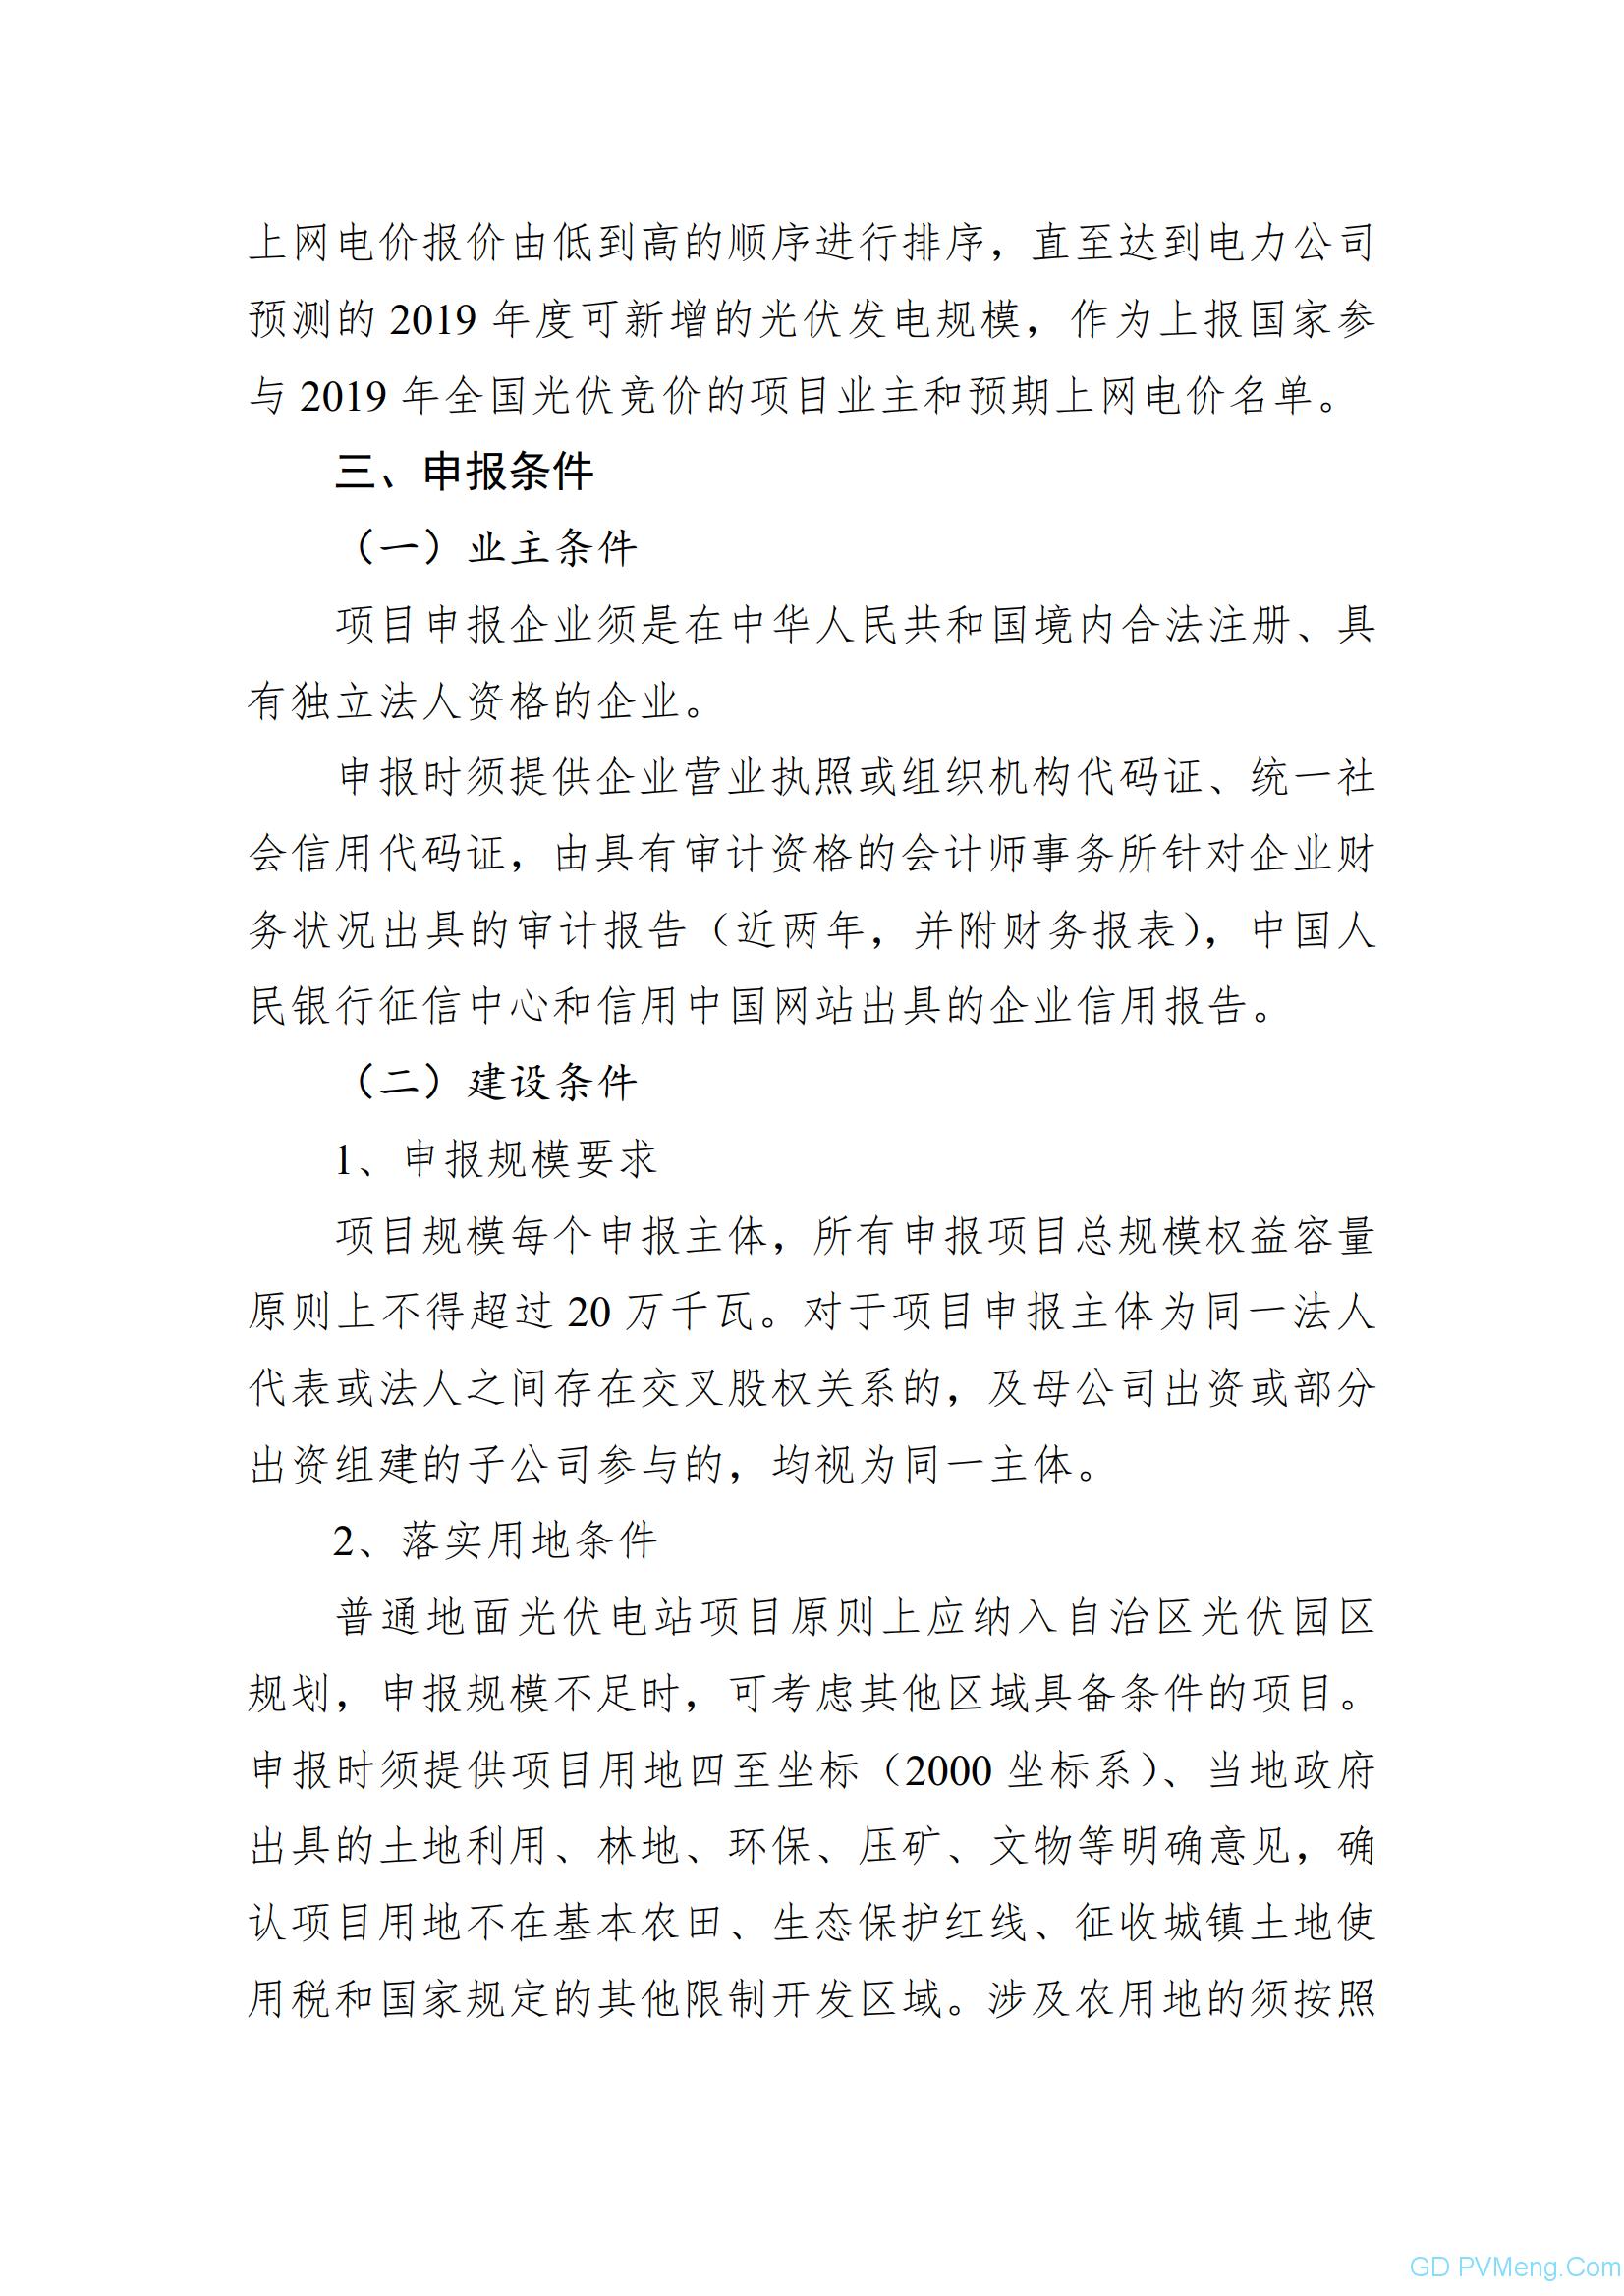 宁6月20日截止||宁夏发改委关于2019年度光伏项目申报有关事项的预通知20190611